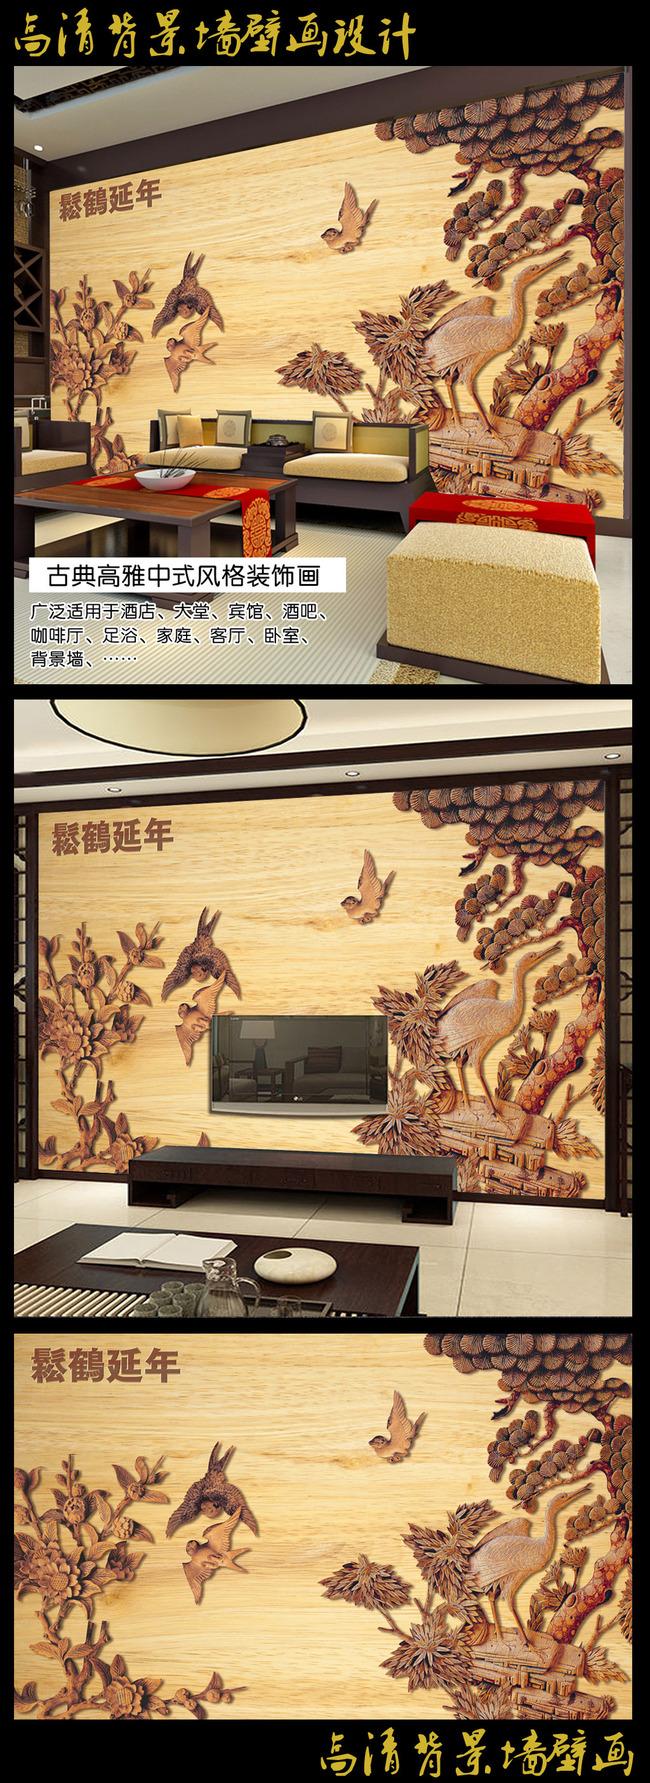 【psd】3d立体木雕浮雕松鹤延年富贵图电视背景墙